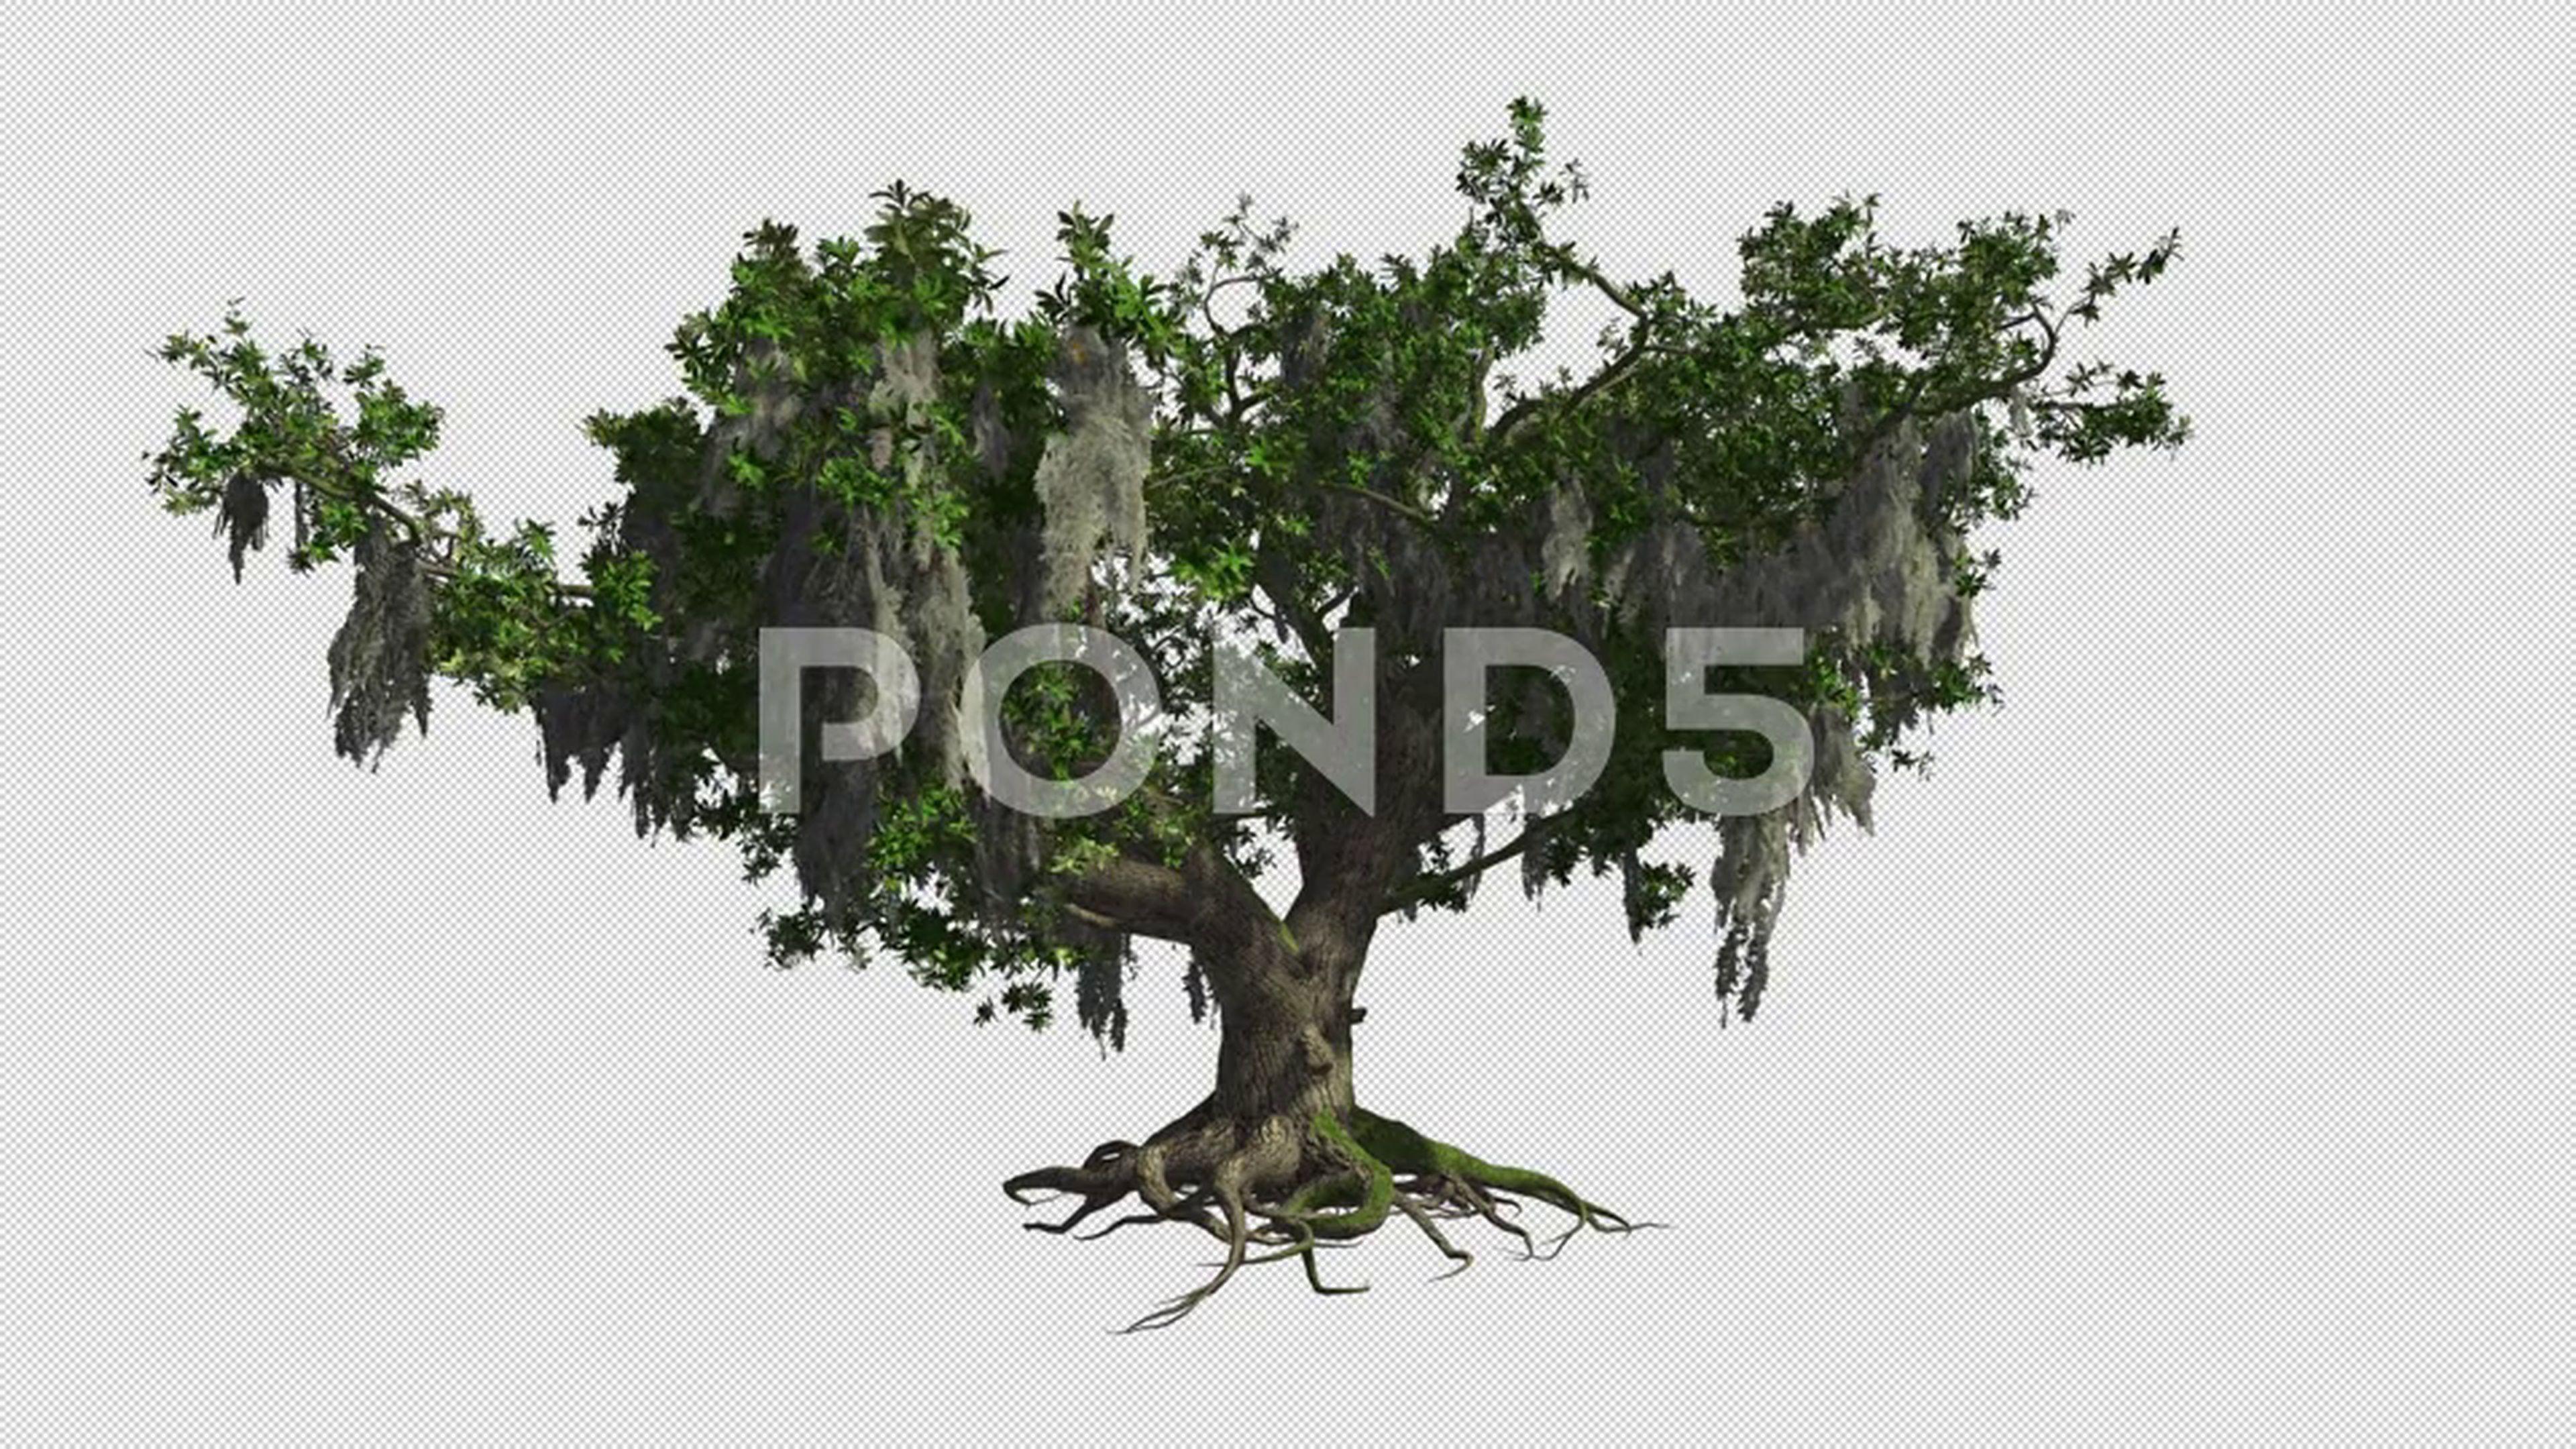 A Huge Live Oak Sway In The Wind Png With Alpha Channel Stock Footage Sway Wind Oak Huge Live Oak Oak Wind